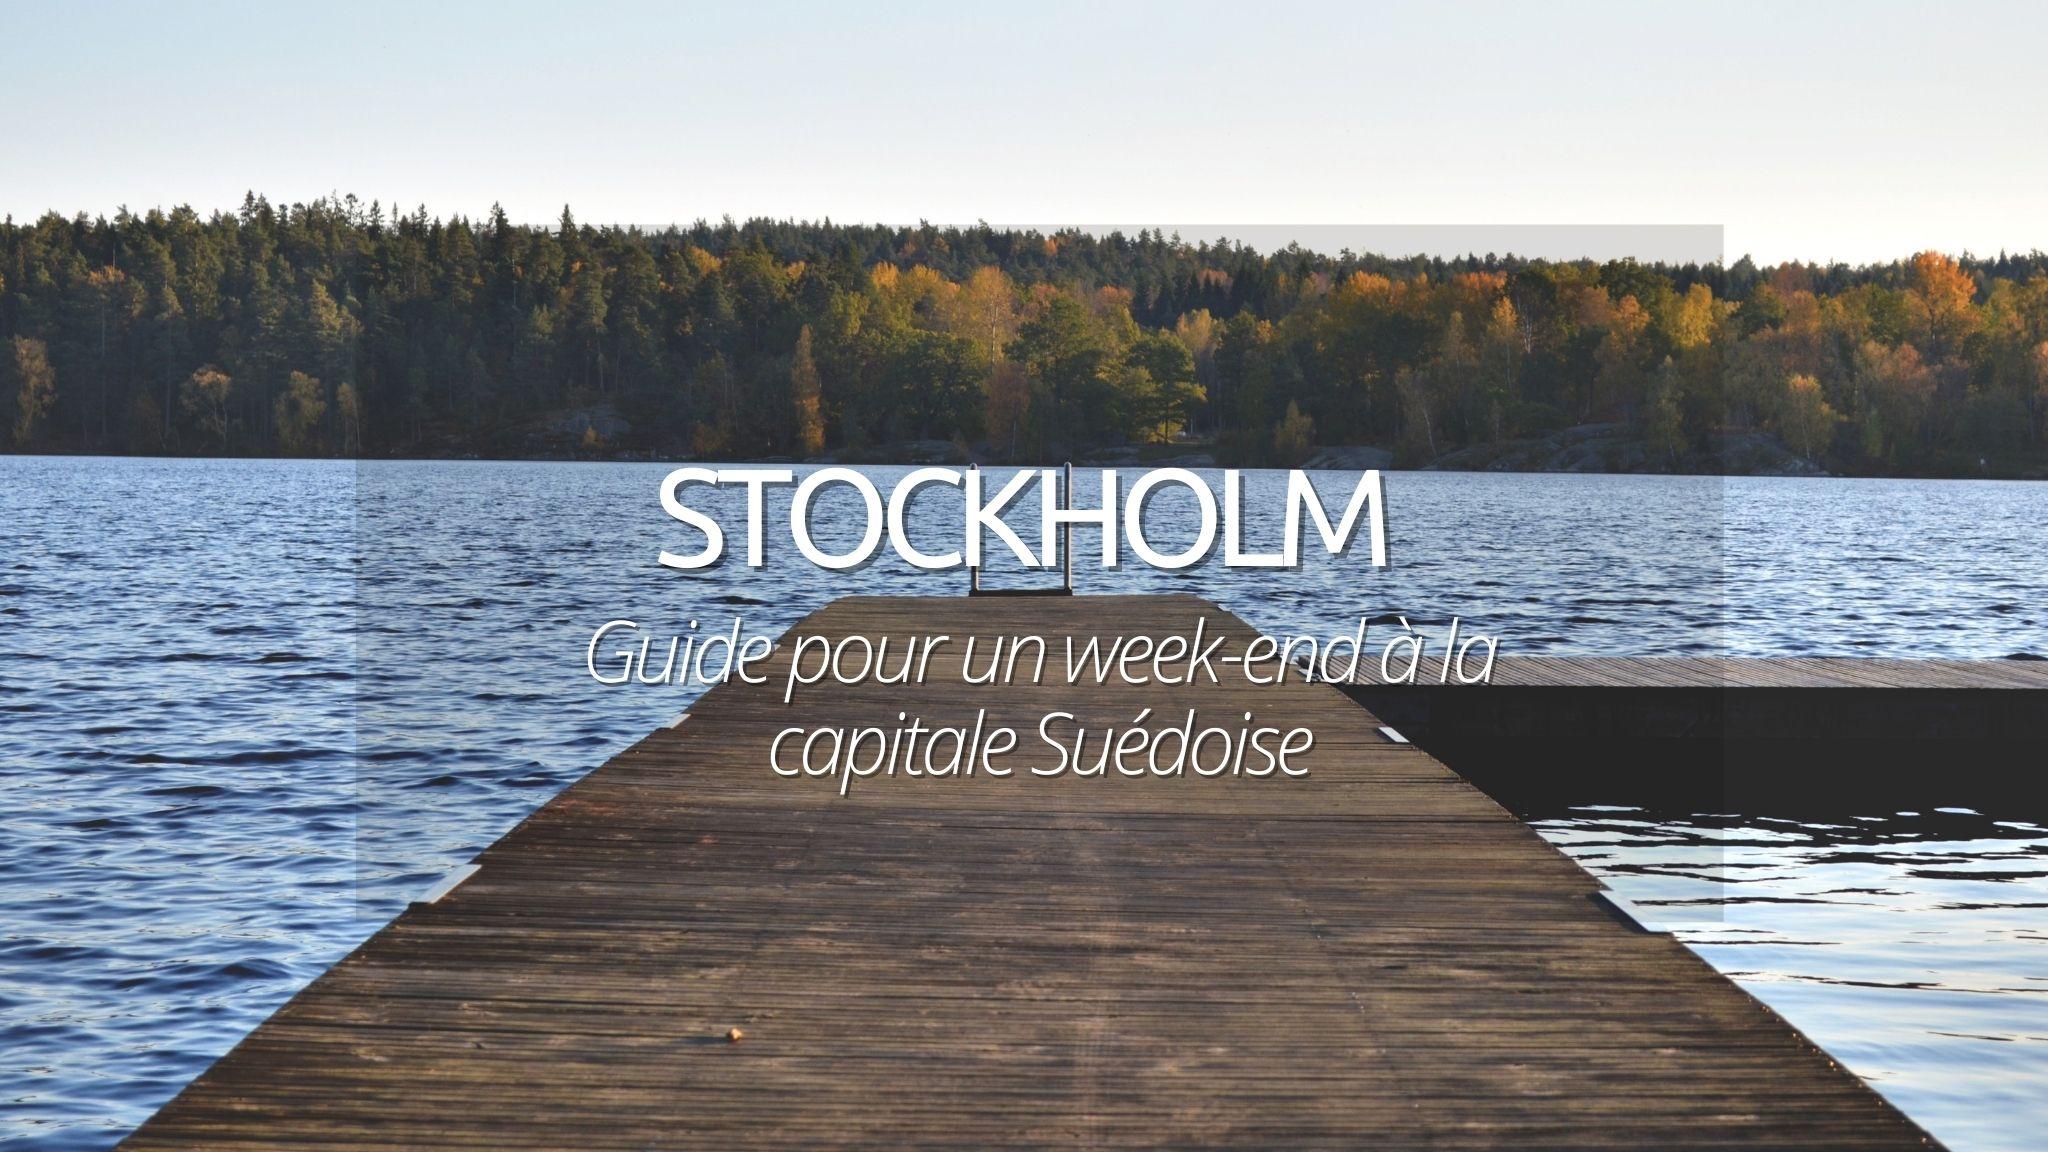 Week end à Stockholm : guide pour visiter la capitale Suédoise